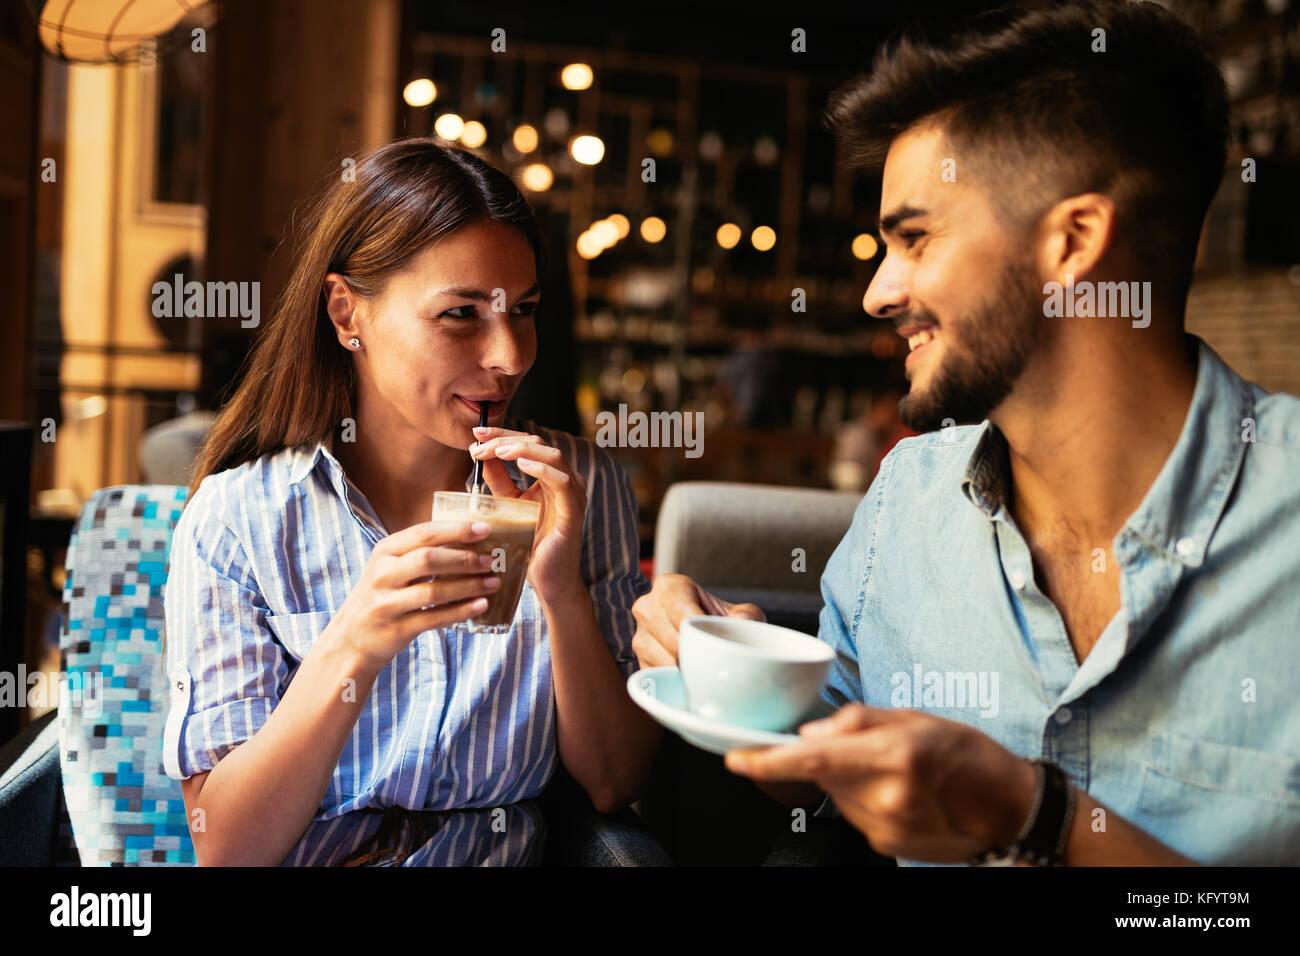 Joven pareja atractiva en la fecha en la cafetería. Imagen De Stock